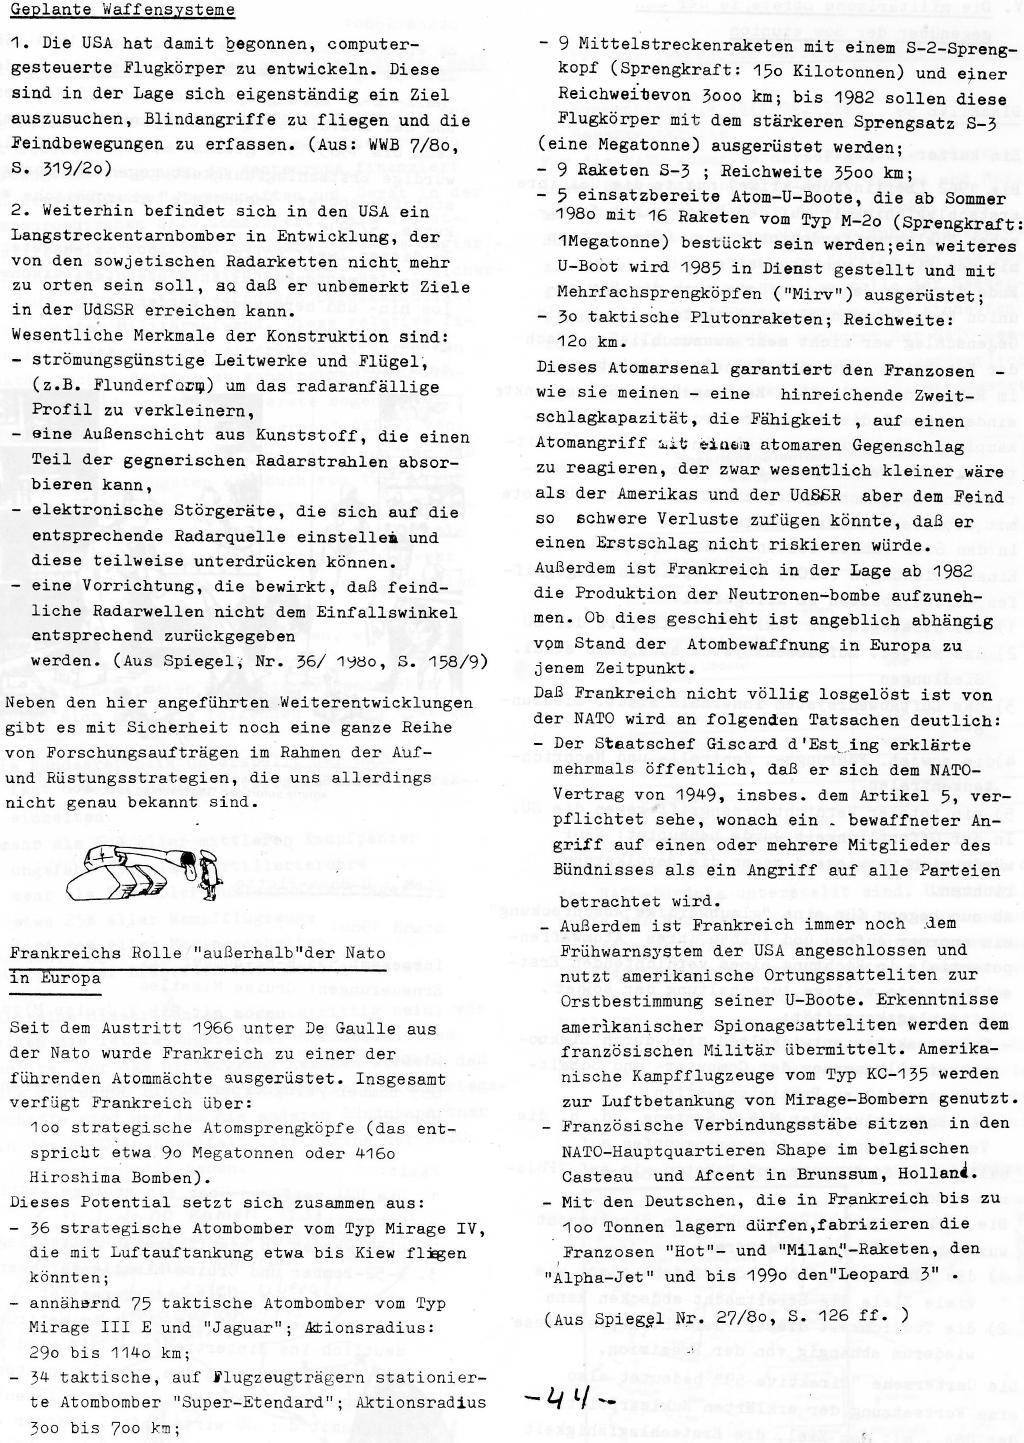 Bremen_1980_NATO_Broschuere_44